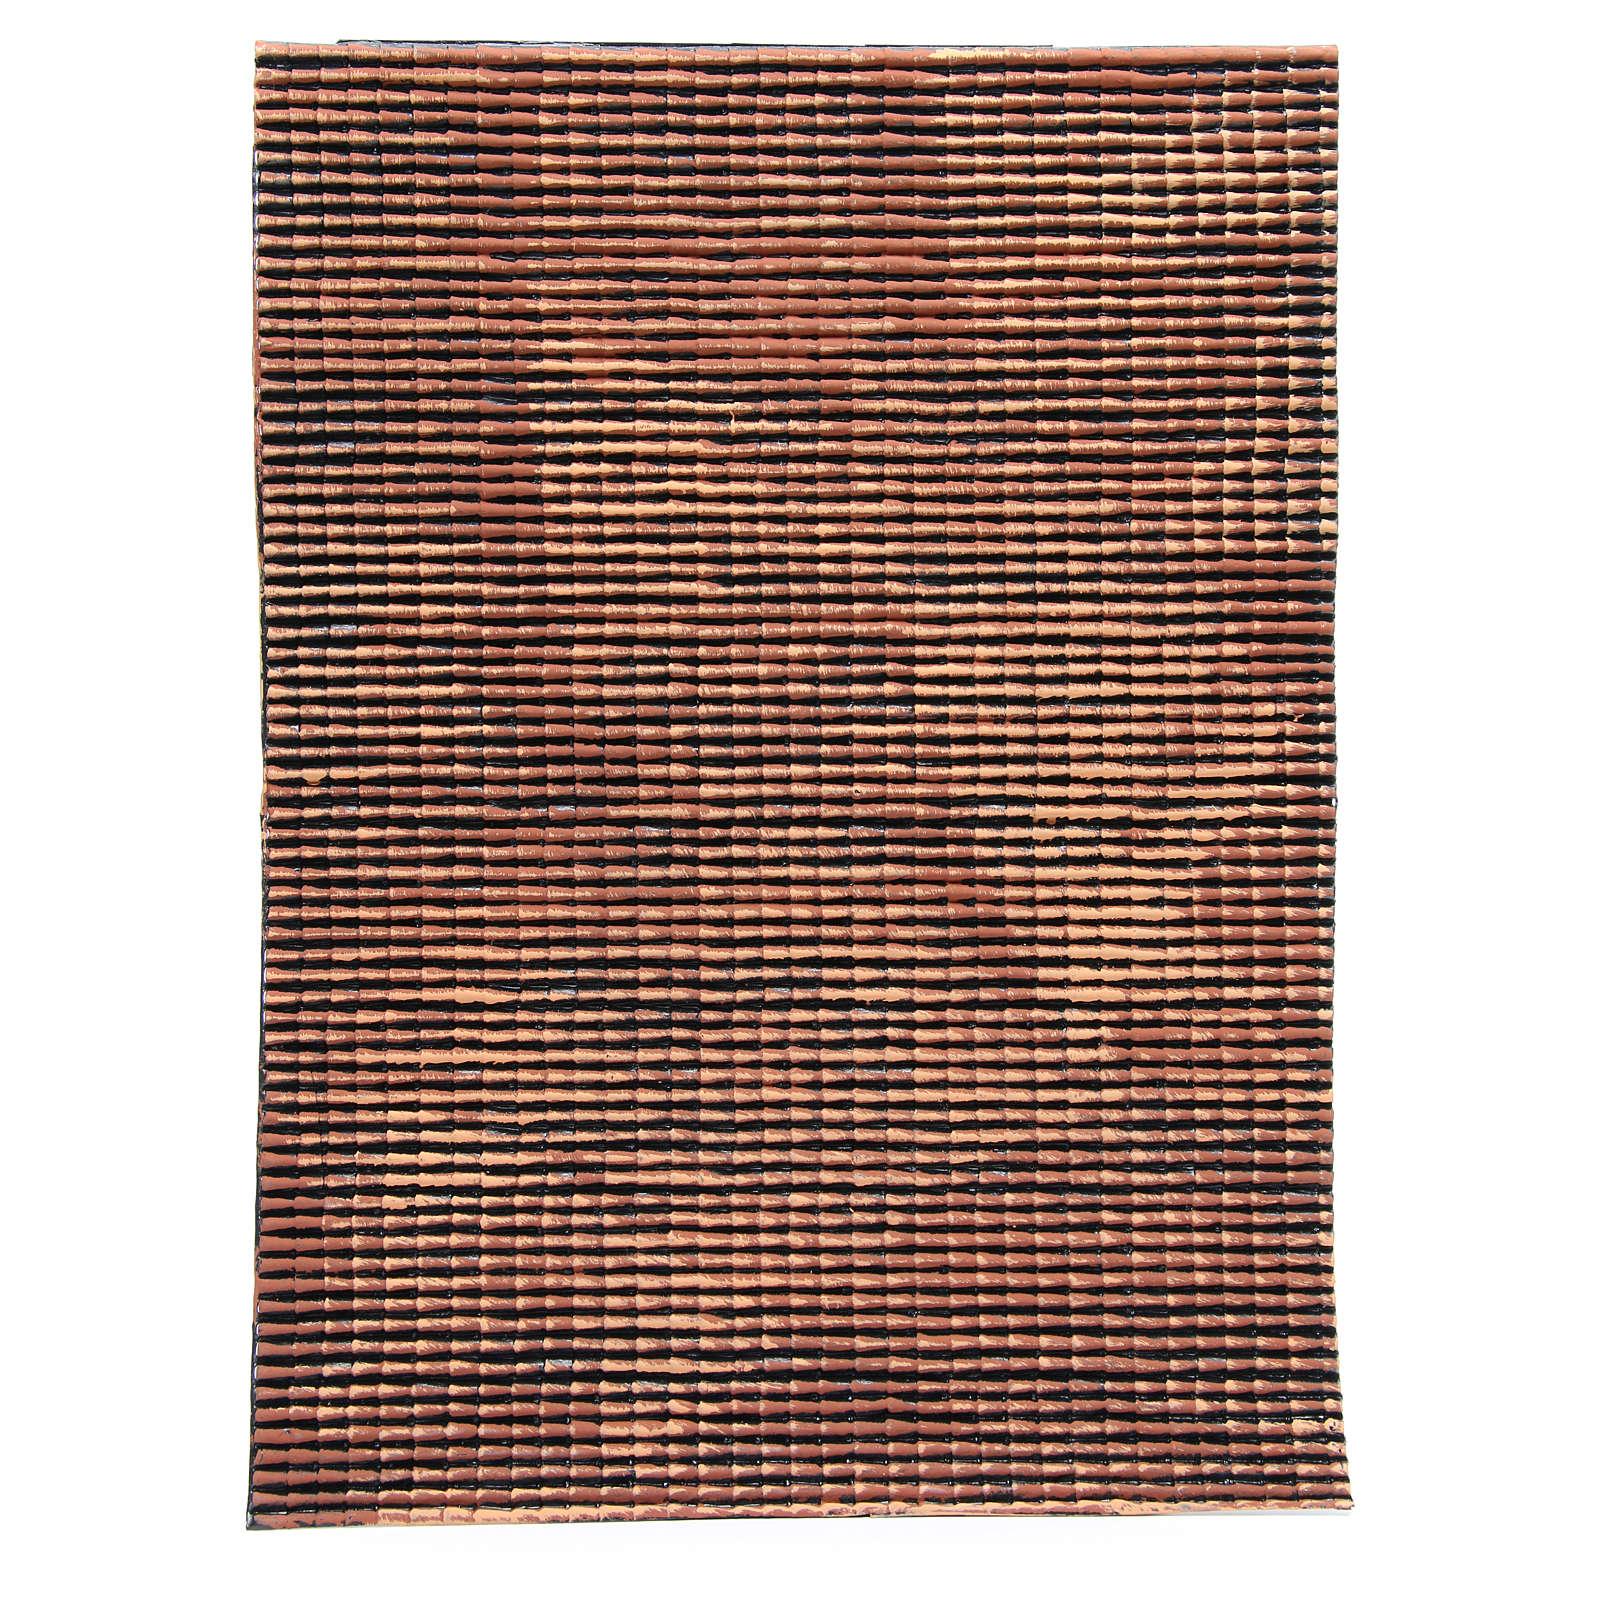 Pannello tetto presepe rosso sfumato tegole piccole 70x50 cm 4